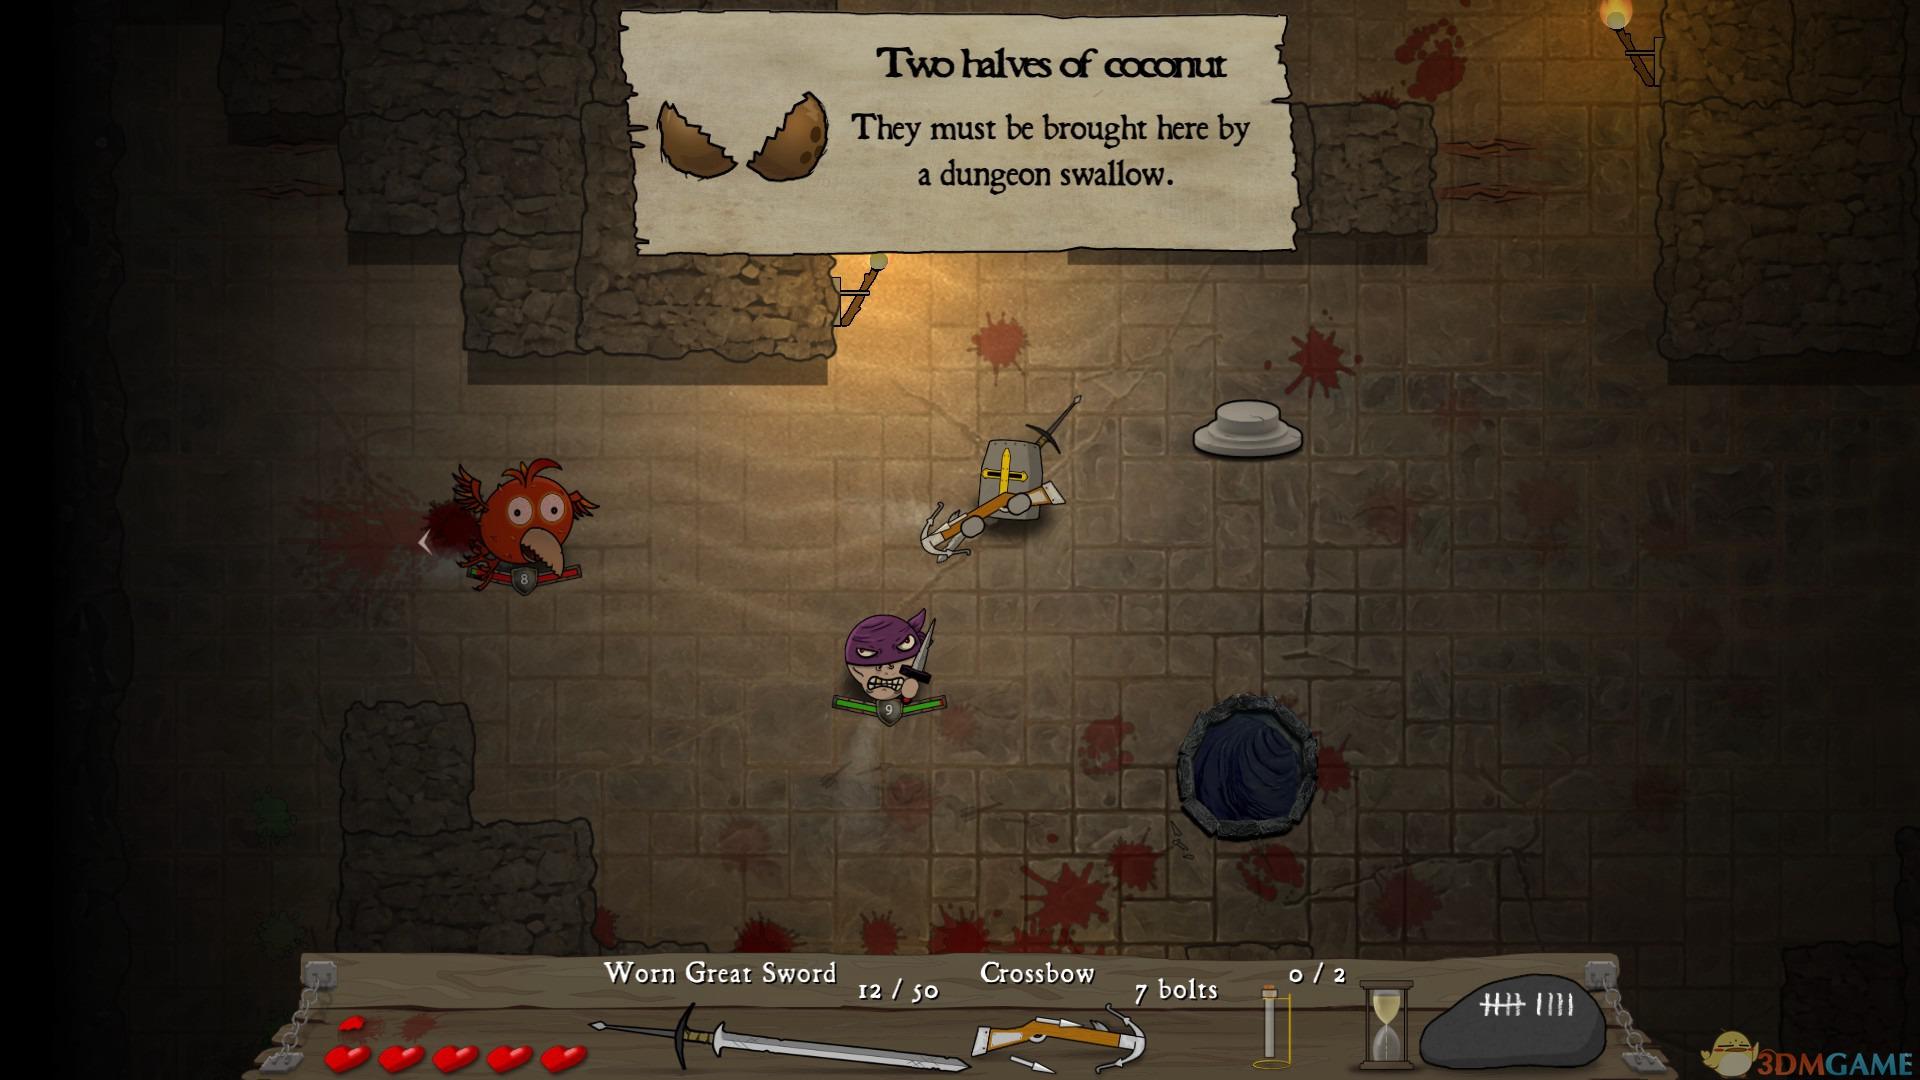 这是一款风格独特的地牢冒险游戏,玩家将扮演骄傲的骑士在无尽的深渊